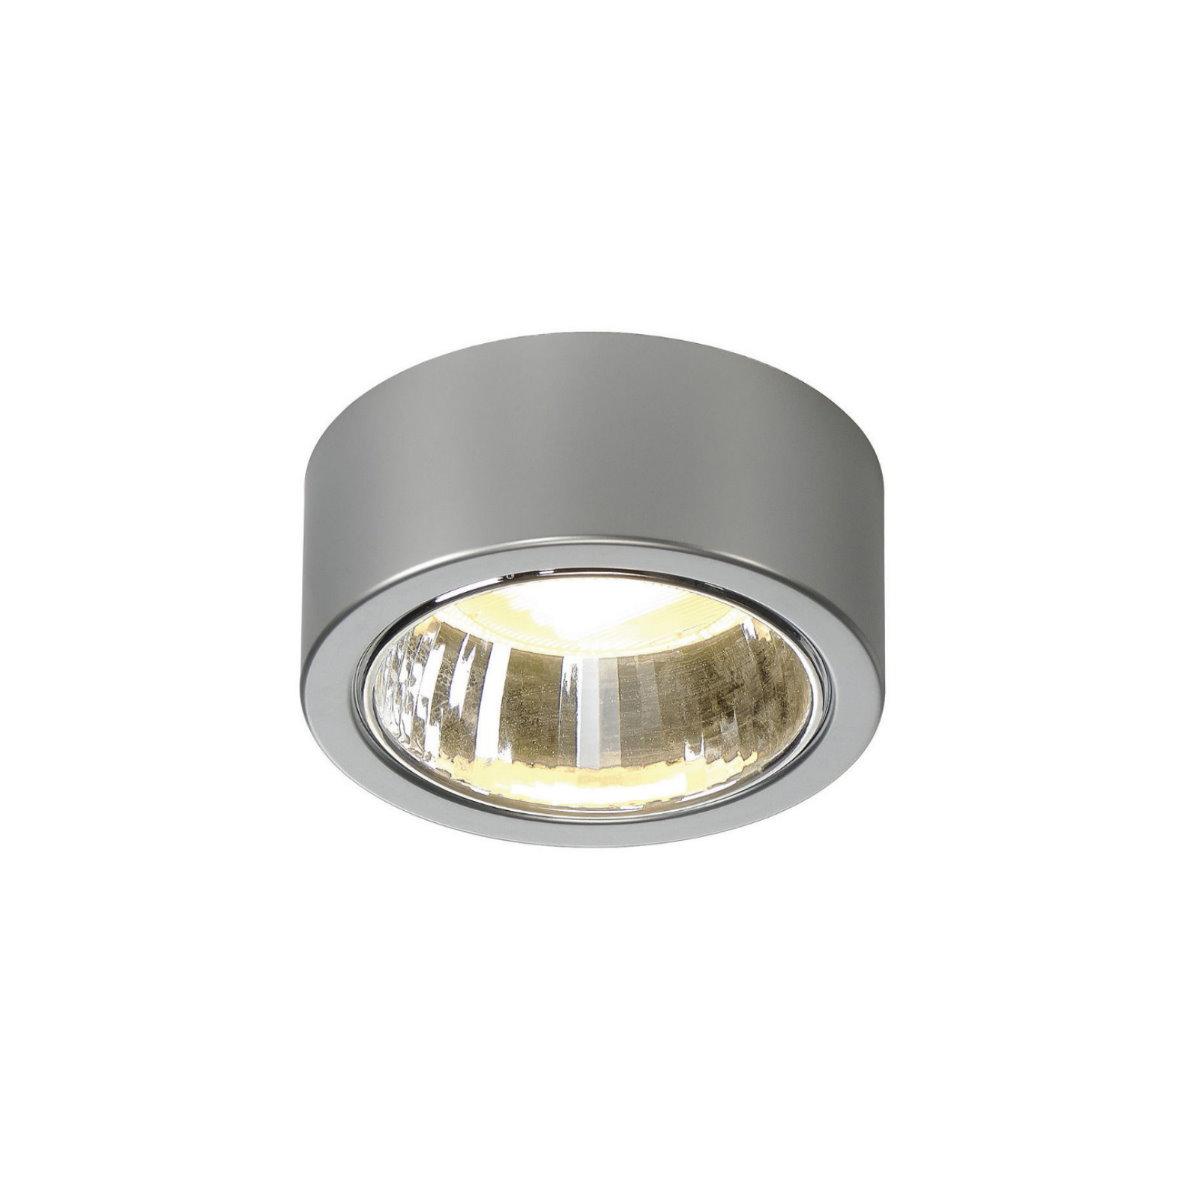 slv deckenleuchte decke leuchte lampe aufbau gx53 rahmen fassung deckenlampe ebay. Black Bedroom Furniture Sets. Home Design Ideas